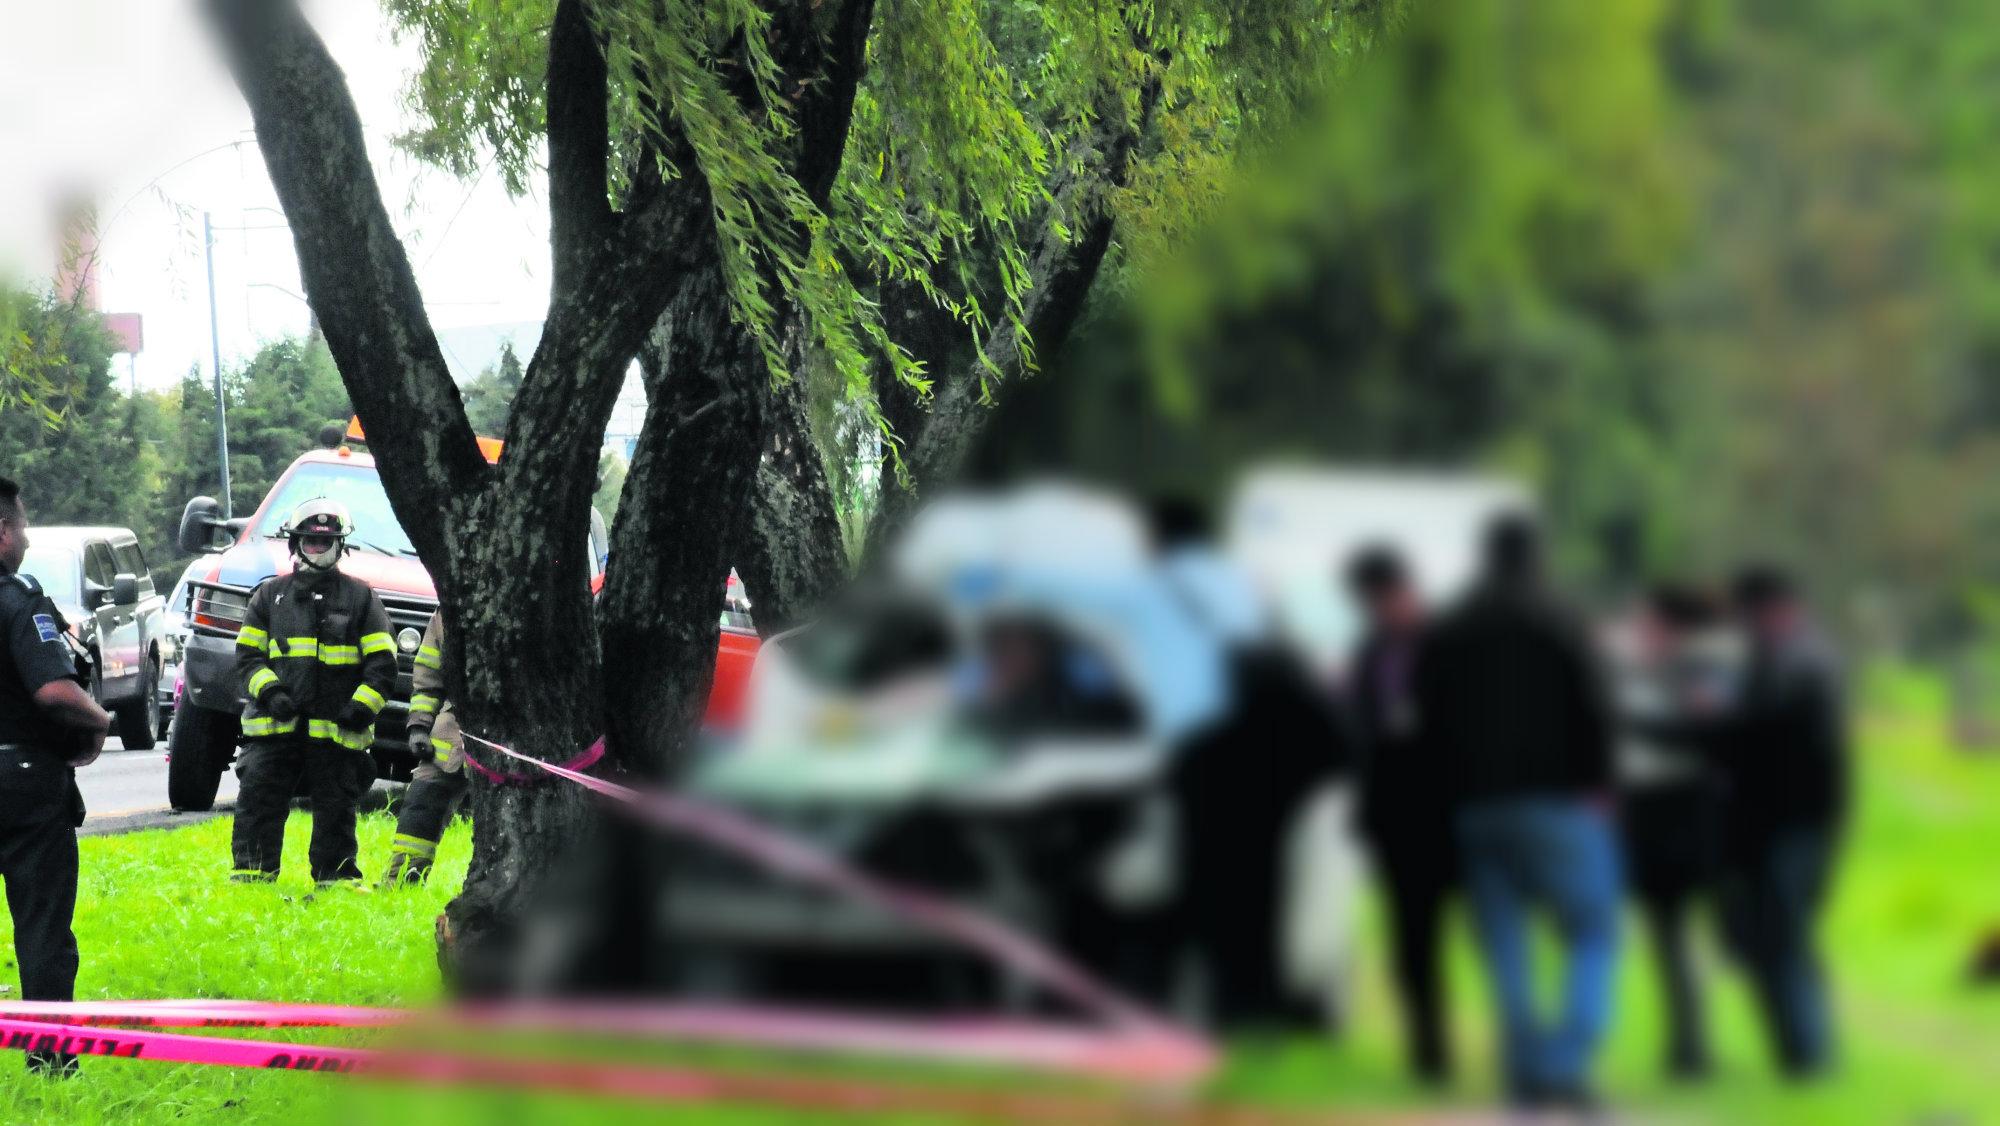 Automovilista termina prensado tras accidente mortal en Paseo Tollocan Edomex